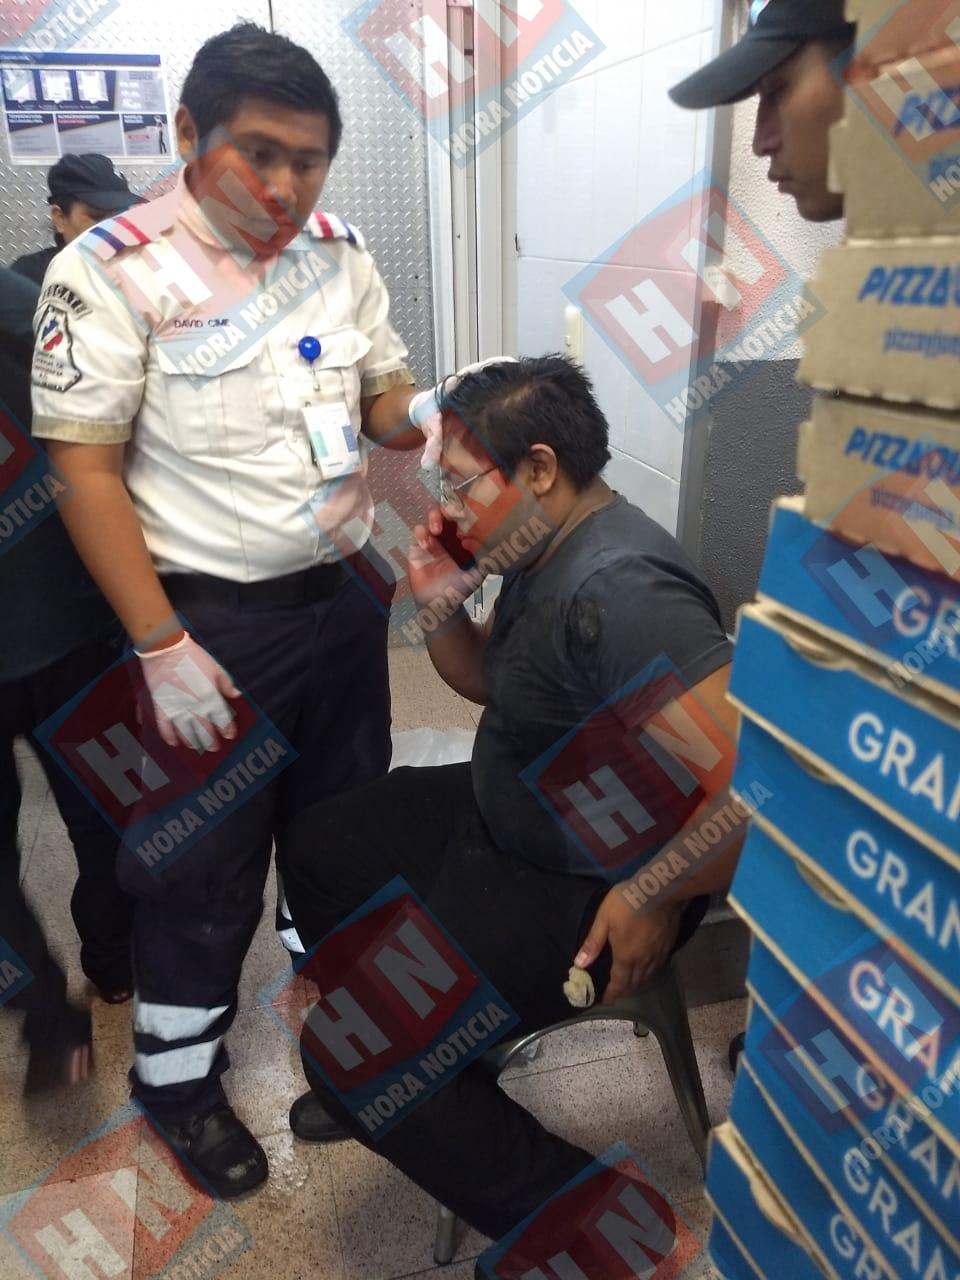 El gerente resulto lesionado con una herida en la frente.